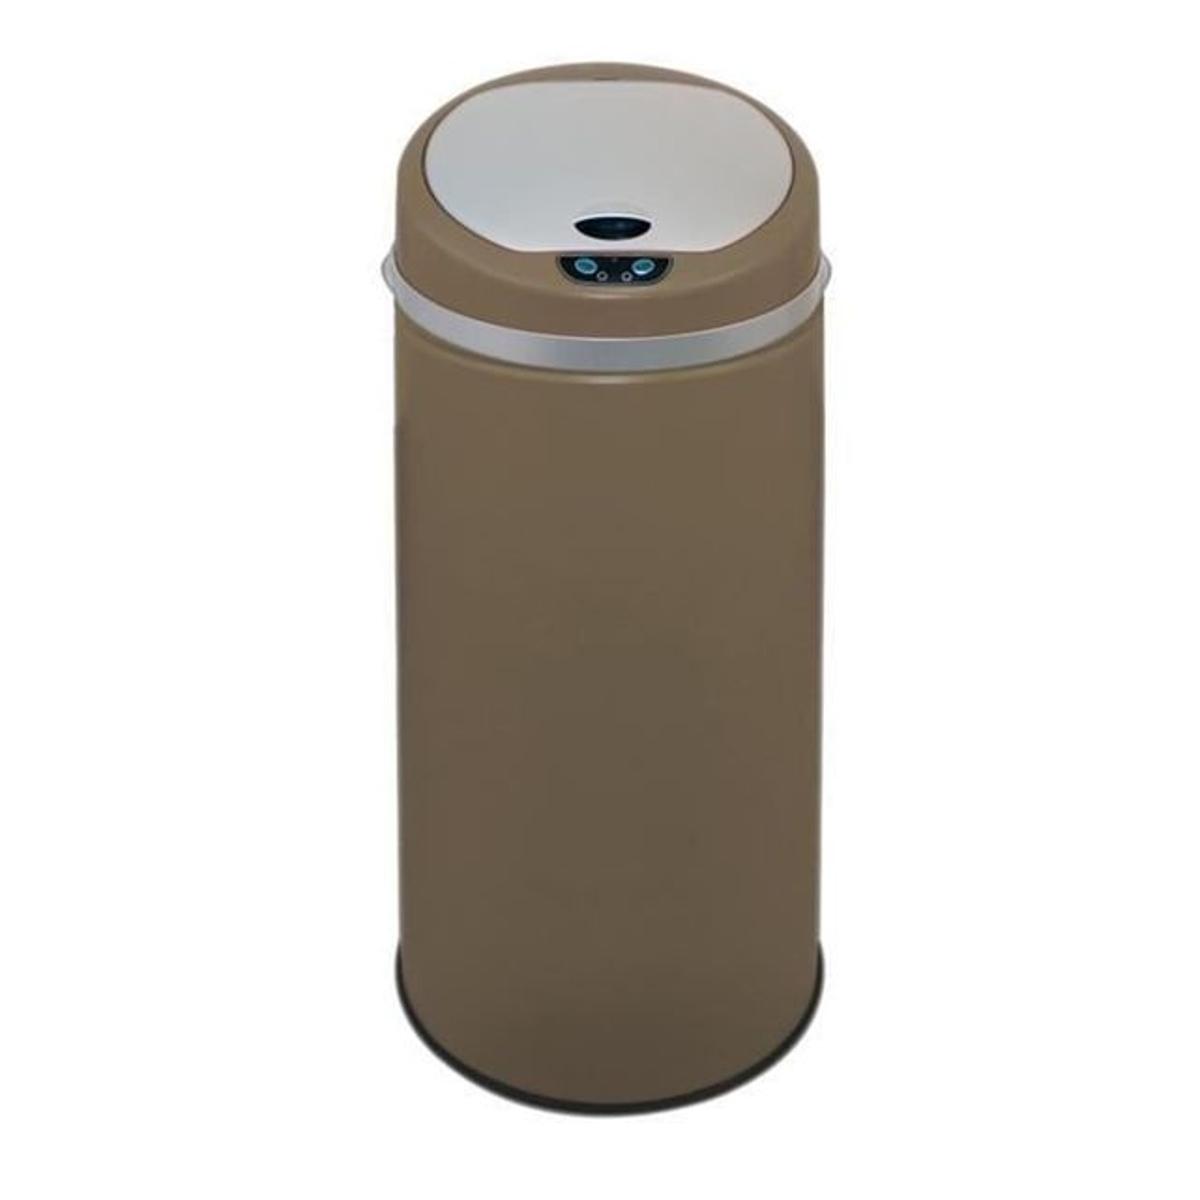 Poubelle 27l fjord taupe vendu par but 1179980 - Kitchen move poubelle de cuisine automatique 42 l ...